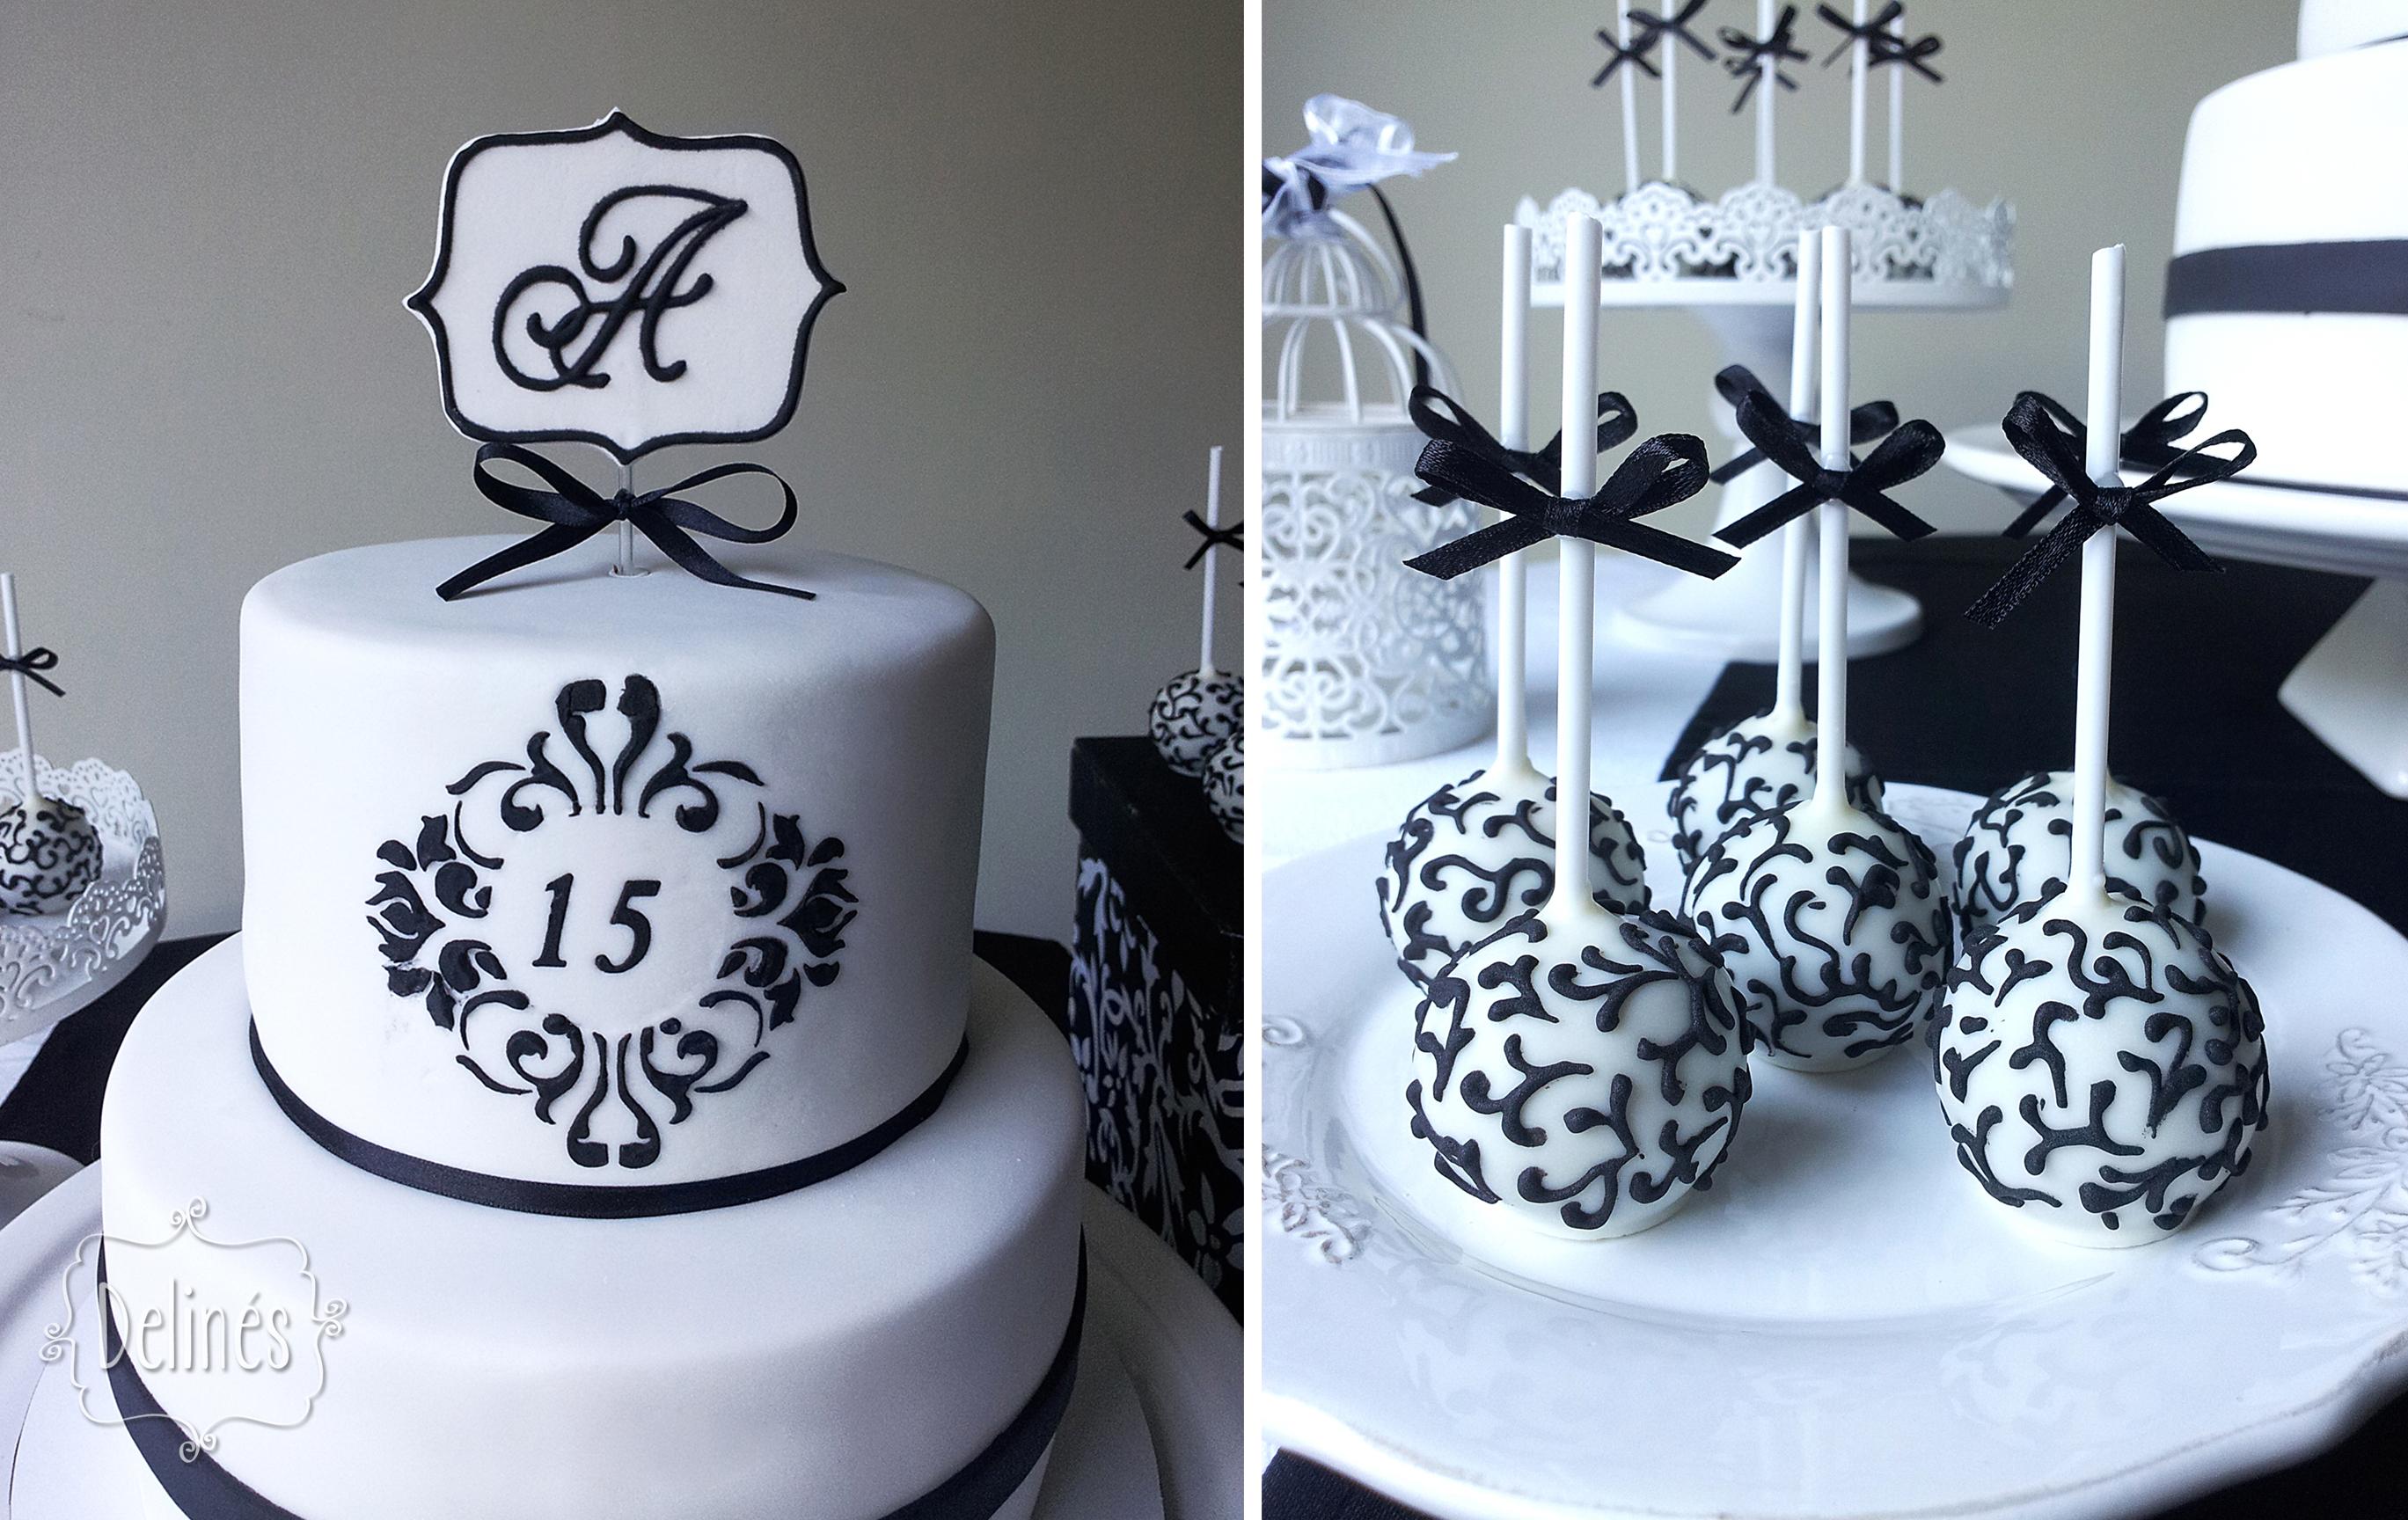 5a0acfe5f0 Torta y popcakes para cumple de 15 con estilo elegante y delicado en blanco  y negro